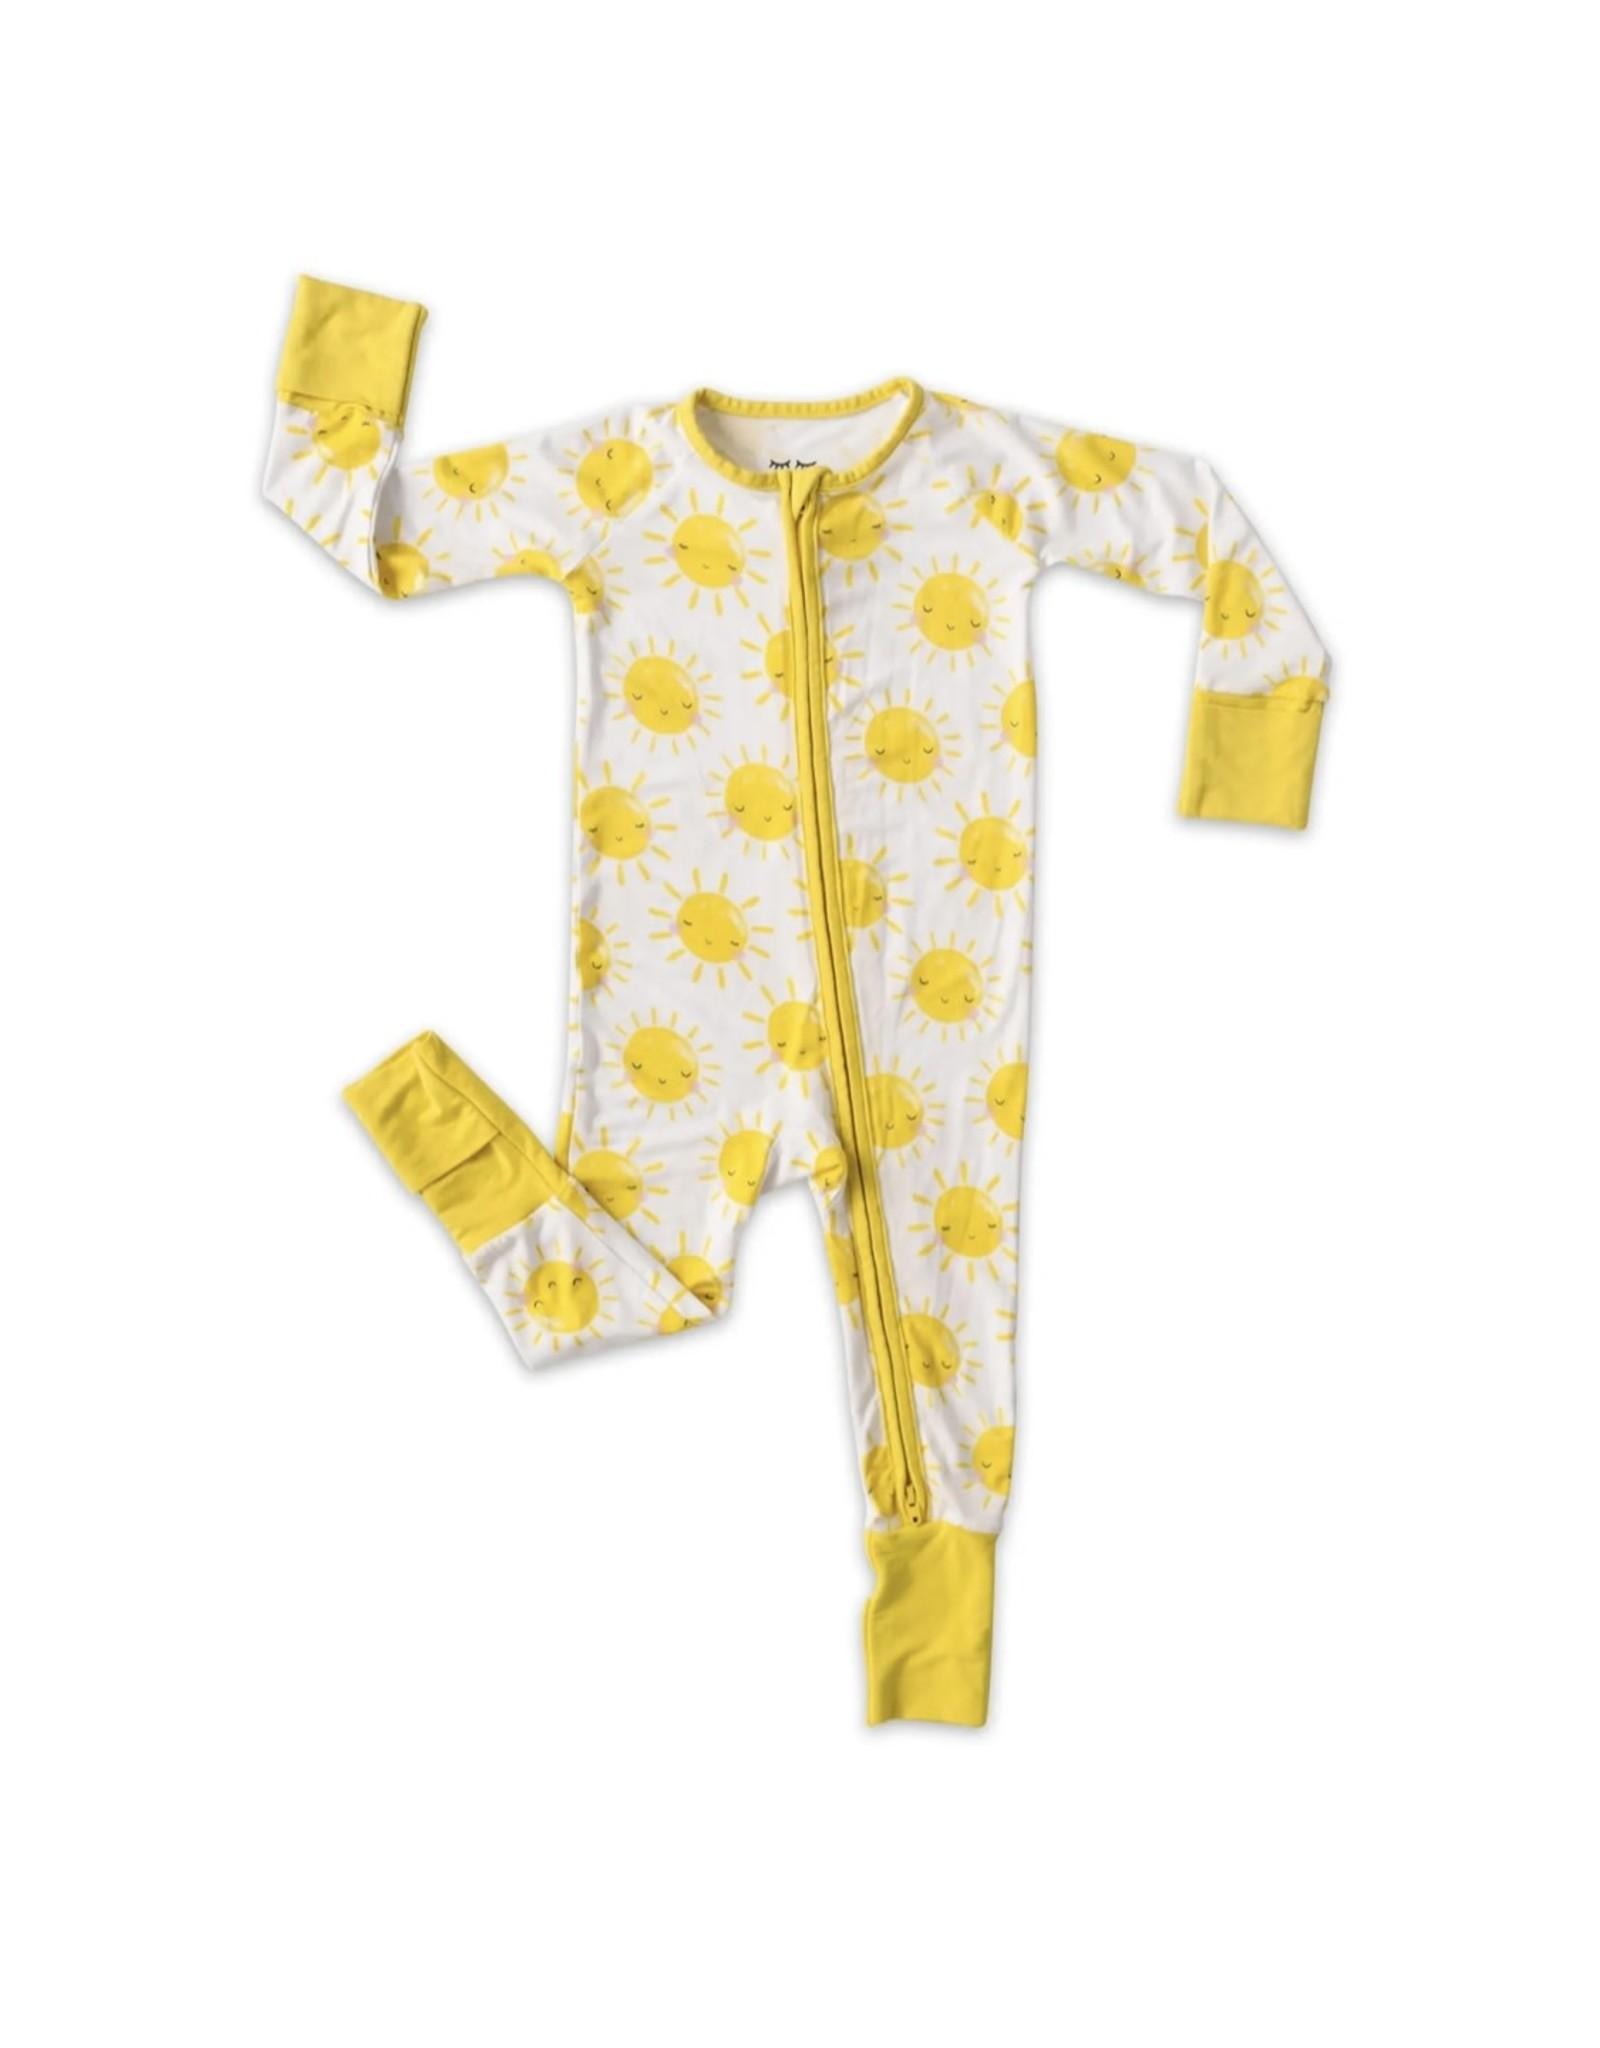 Little Sleepies Little Sleepies- Grow With Me Bamboo Viscose Zip Romper Gift Set: Pink